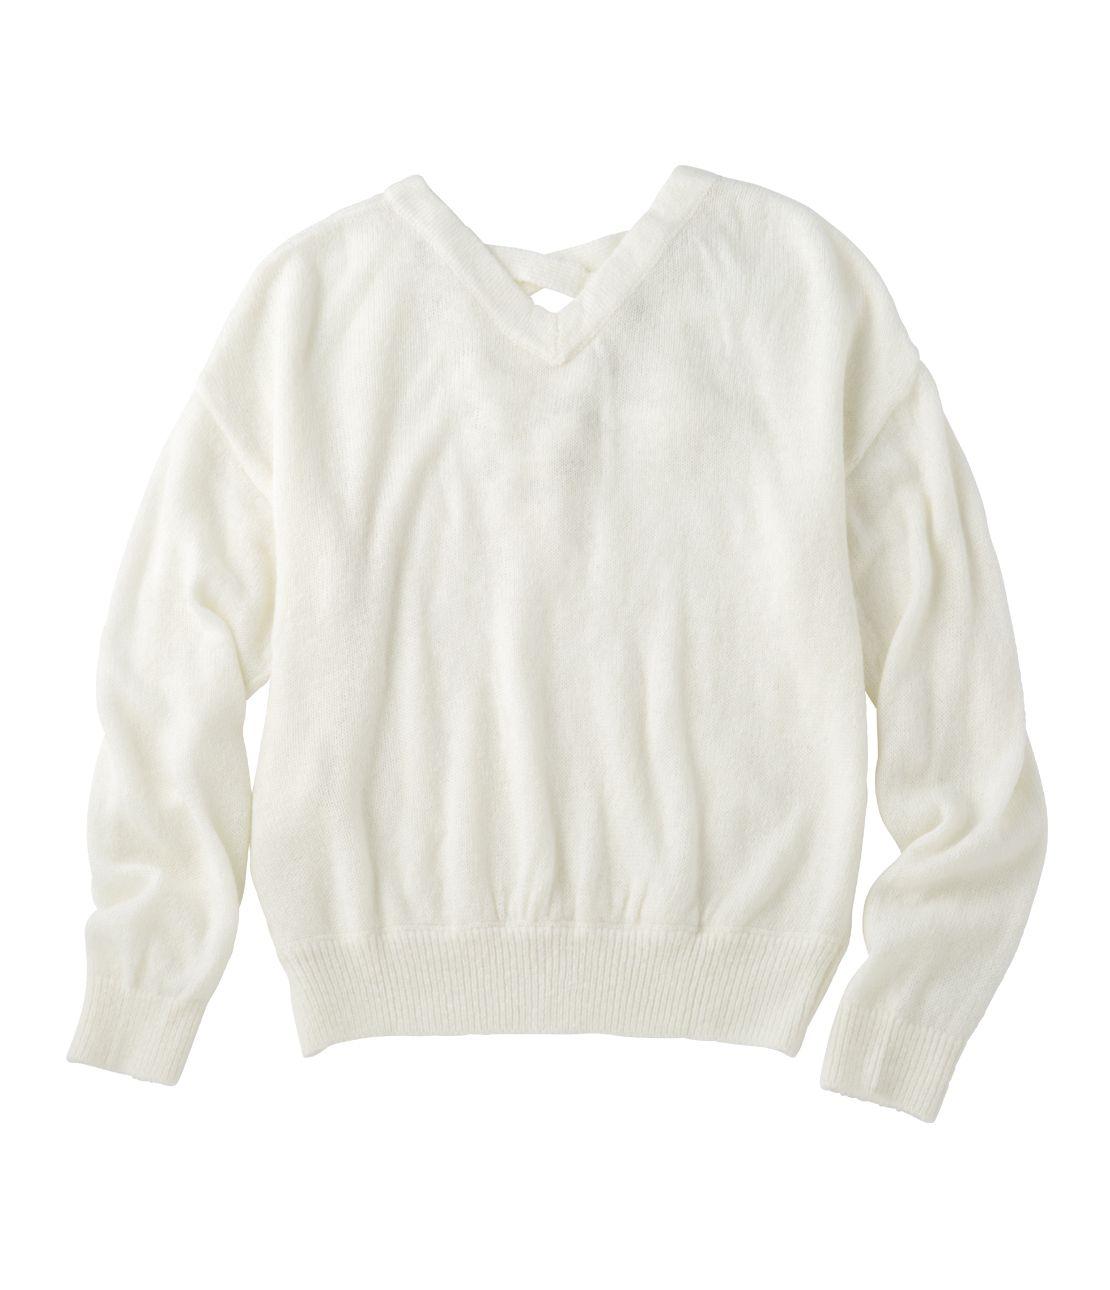 2WAY lace-knit